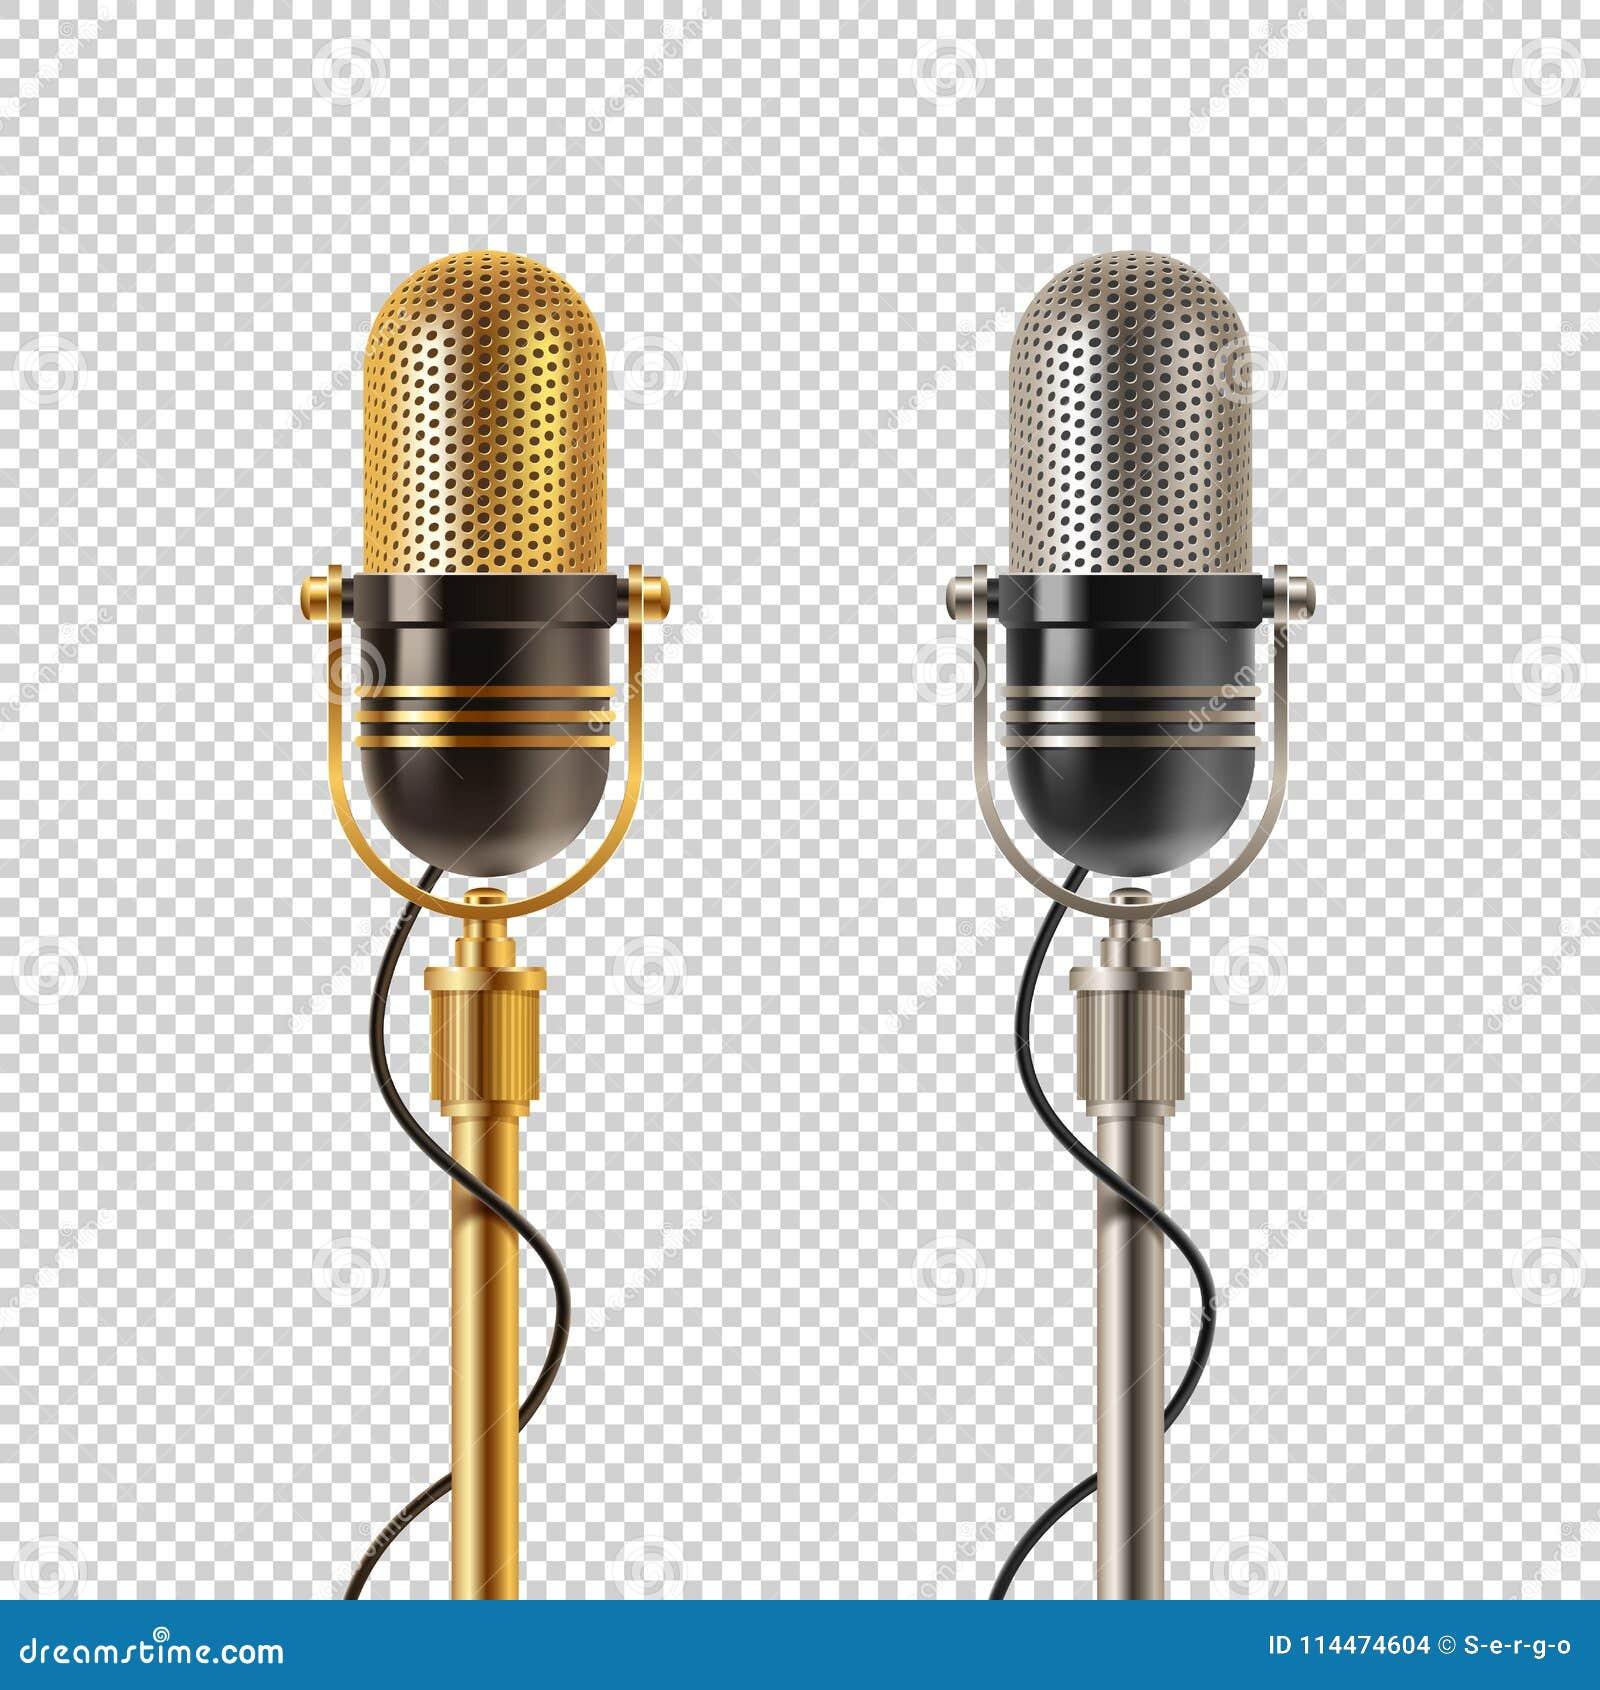 Δύο αναδρομικά μικρόφωνα - χρυσά και χρώμιο, σε ένα ελεγμένο υπόβαθρο